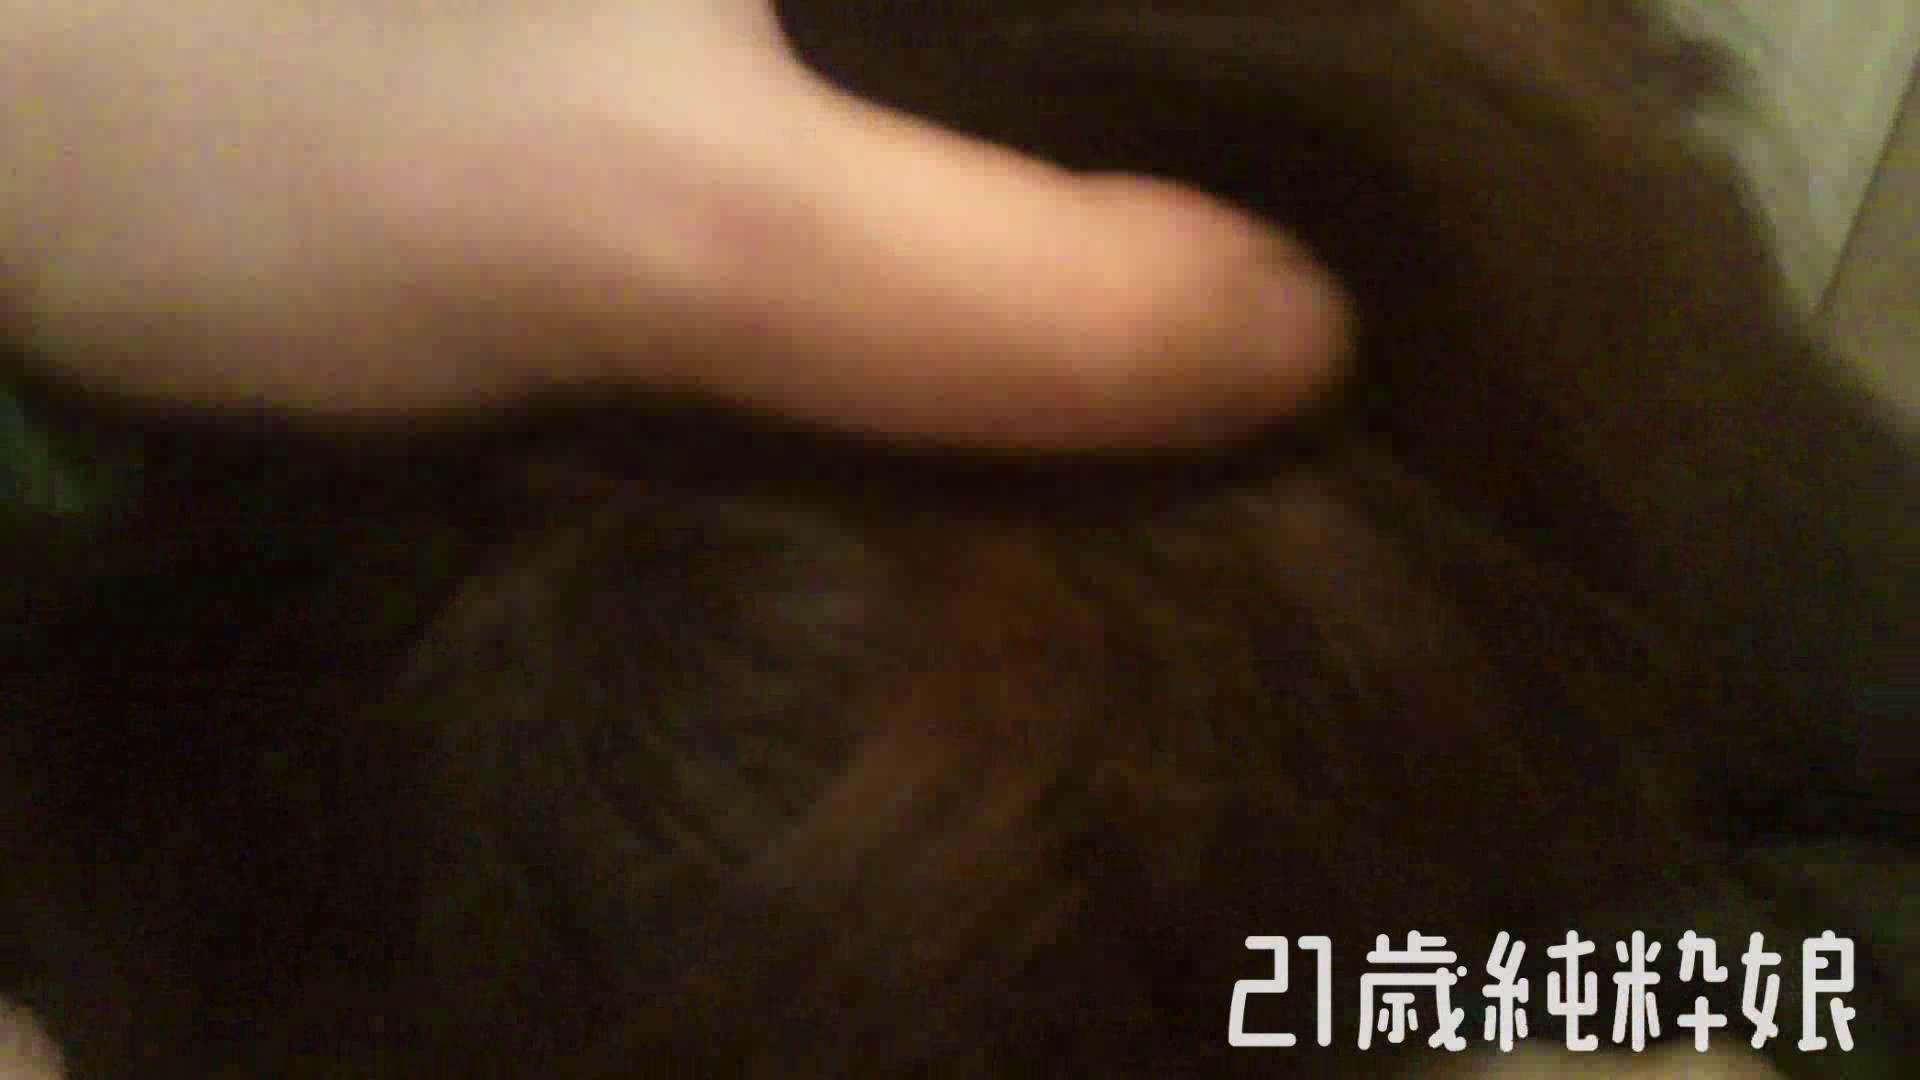 Gカップ21歳純粋嬢第2弾Vol.5 OL | 学校  75連発 47